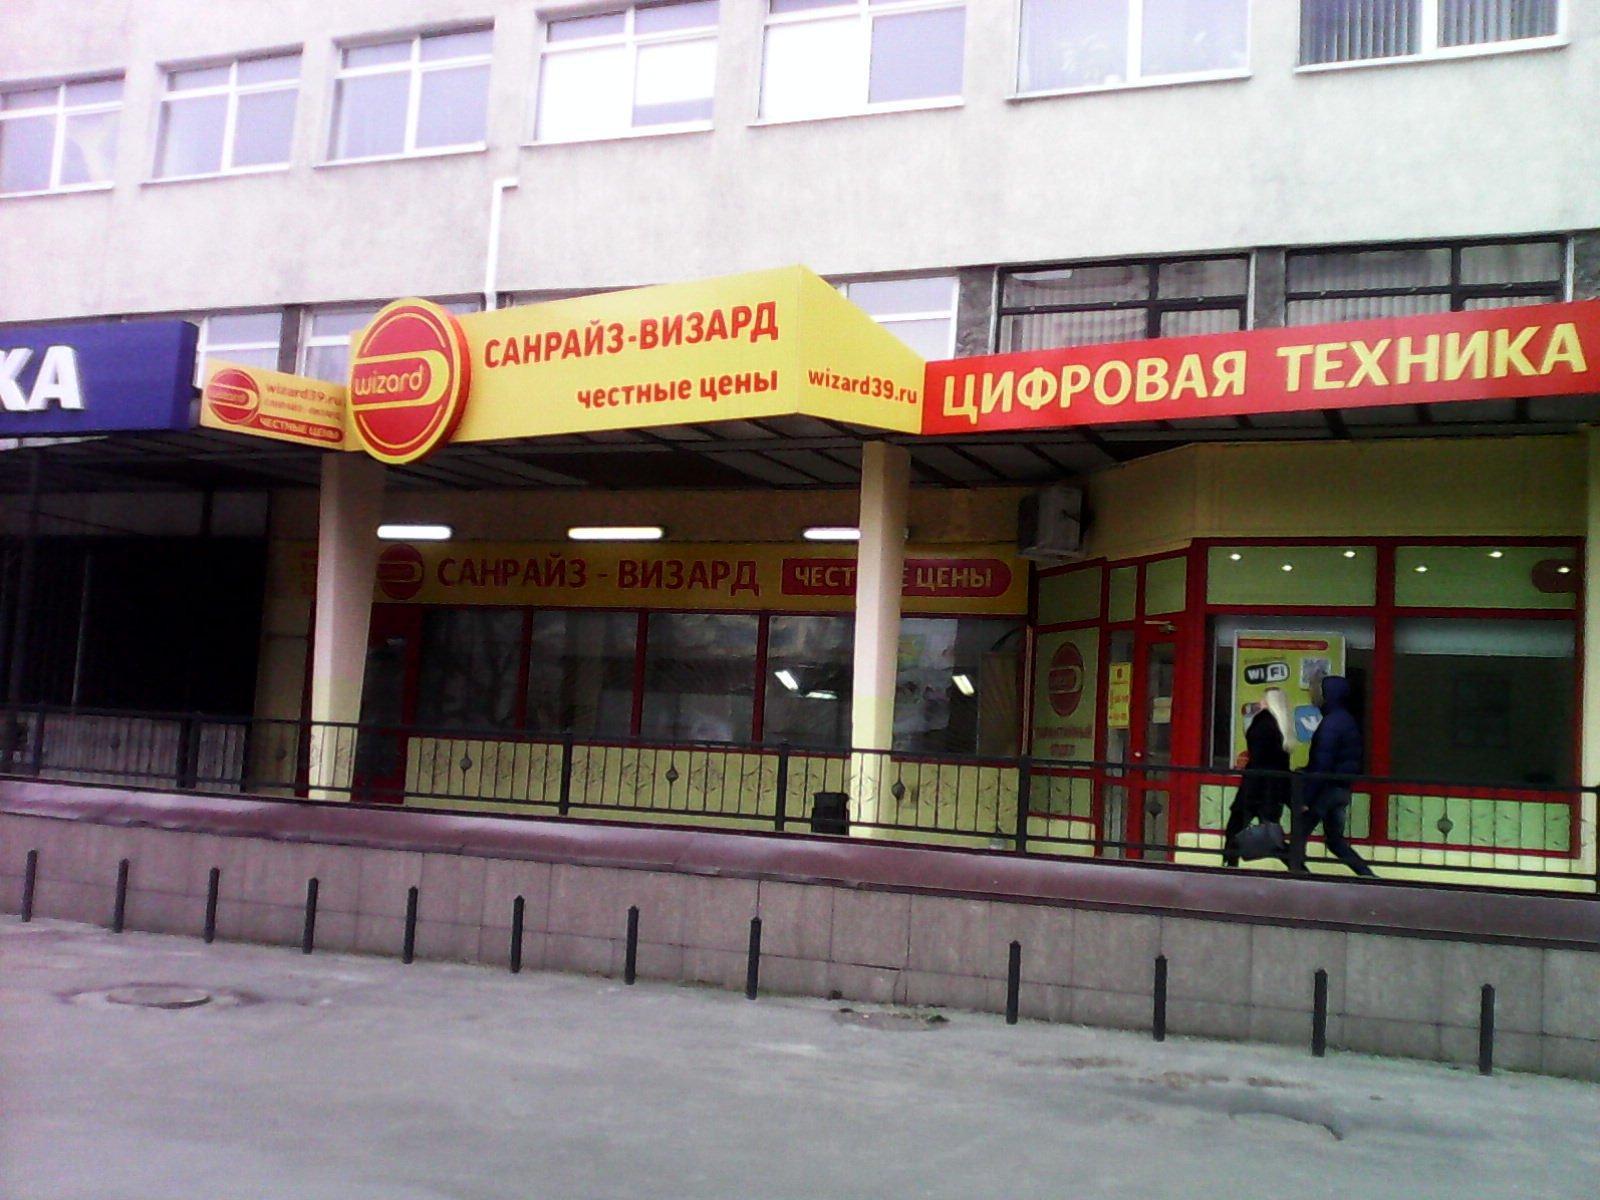 Визард39 Калининград Интернет Магазин